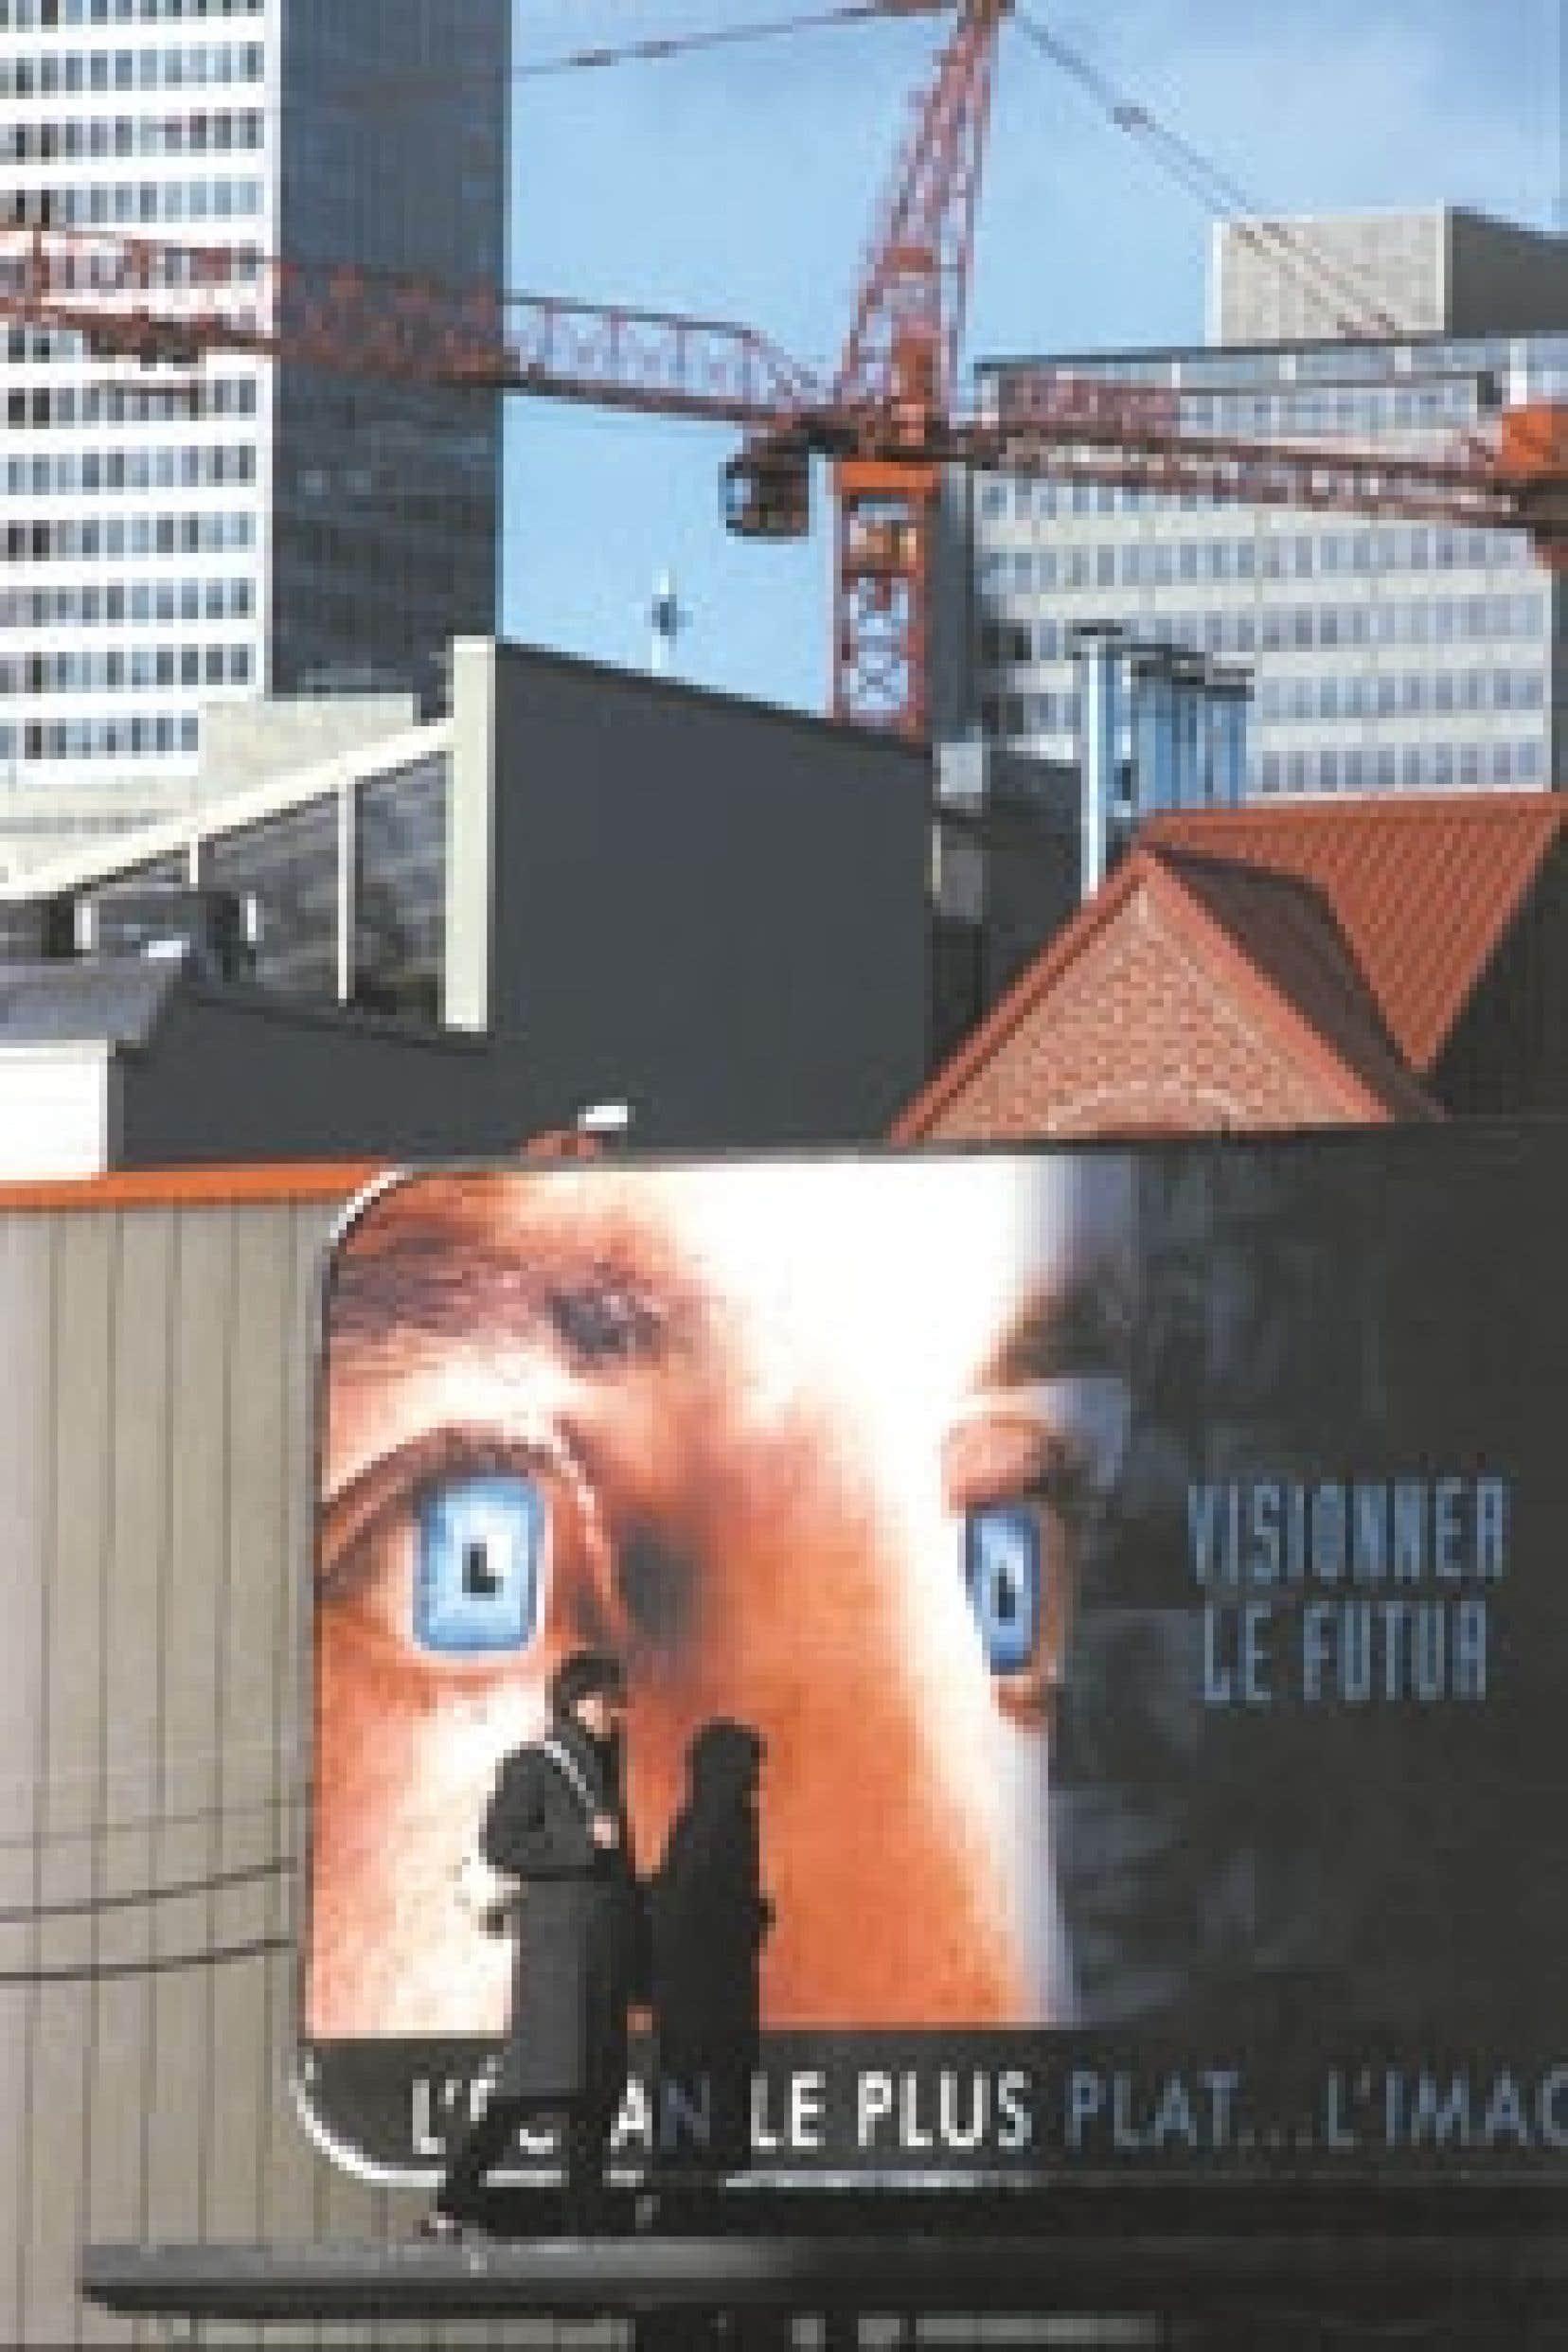 La publicité québécoise a été emportée depuis une dizaine d'années par le tourbillon de la concentration.